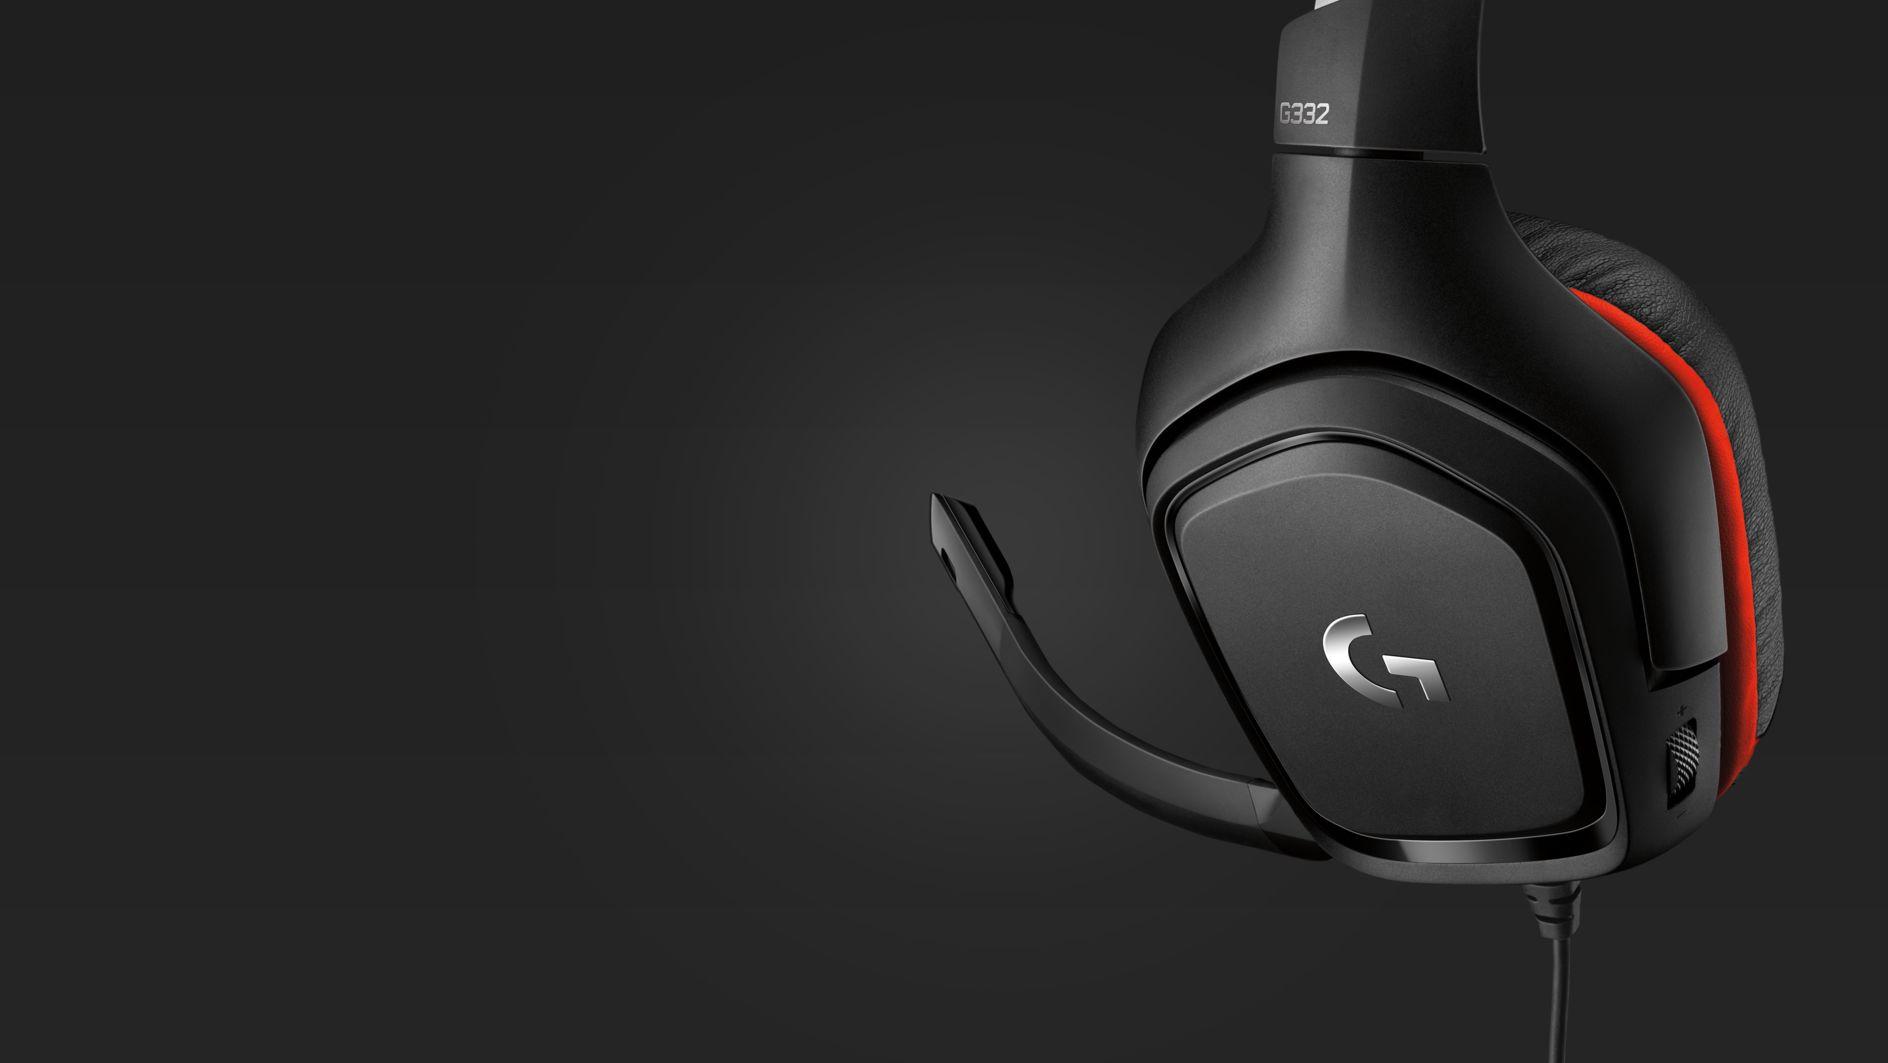 هدست گیمینگ باسیم لاجیتک مدل G332